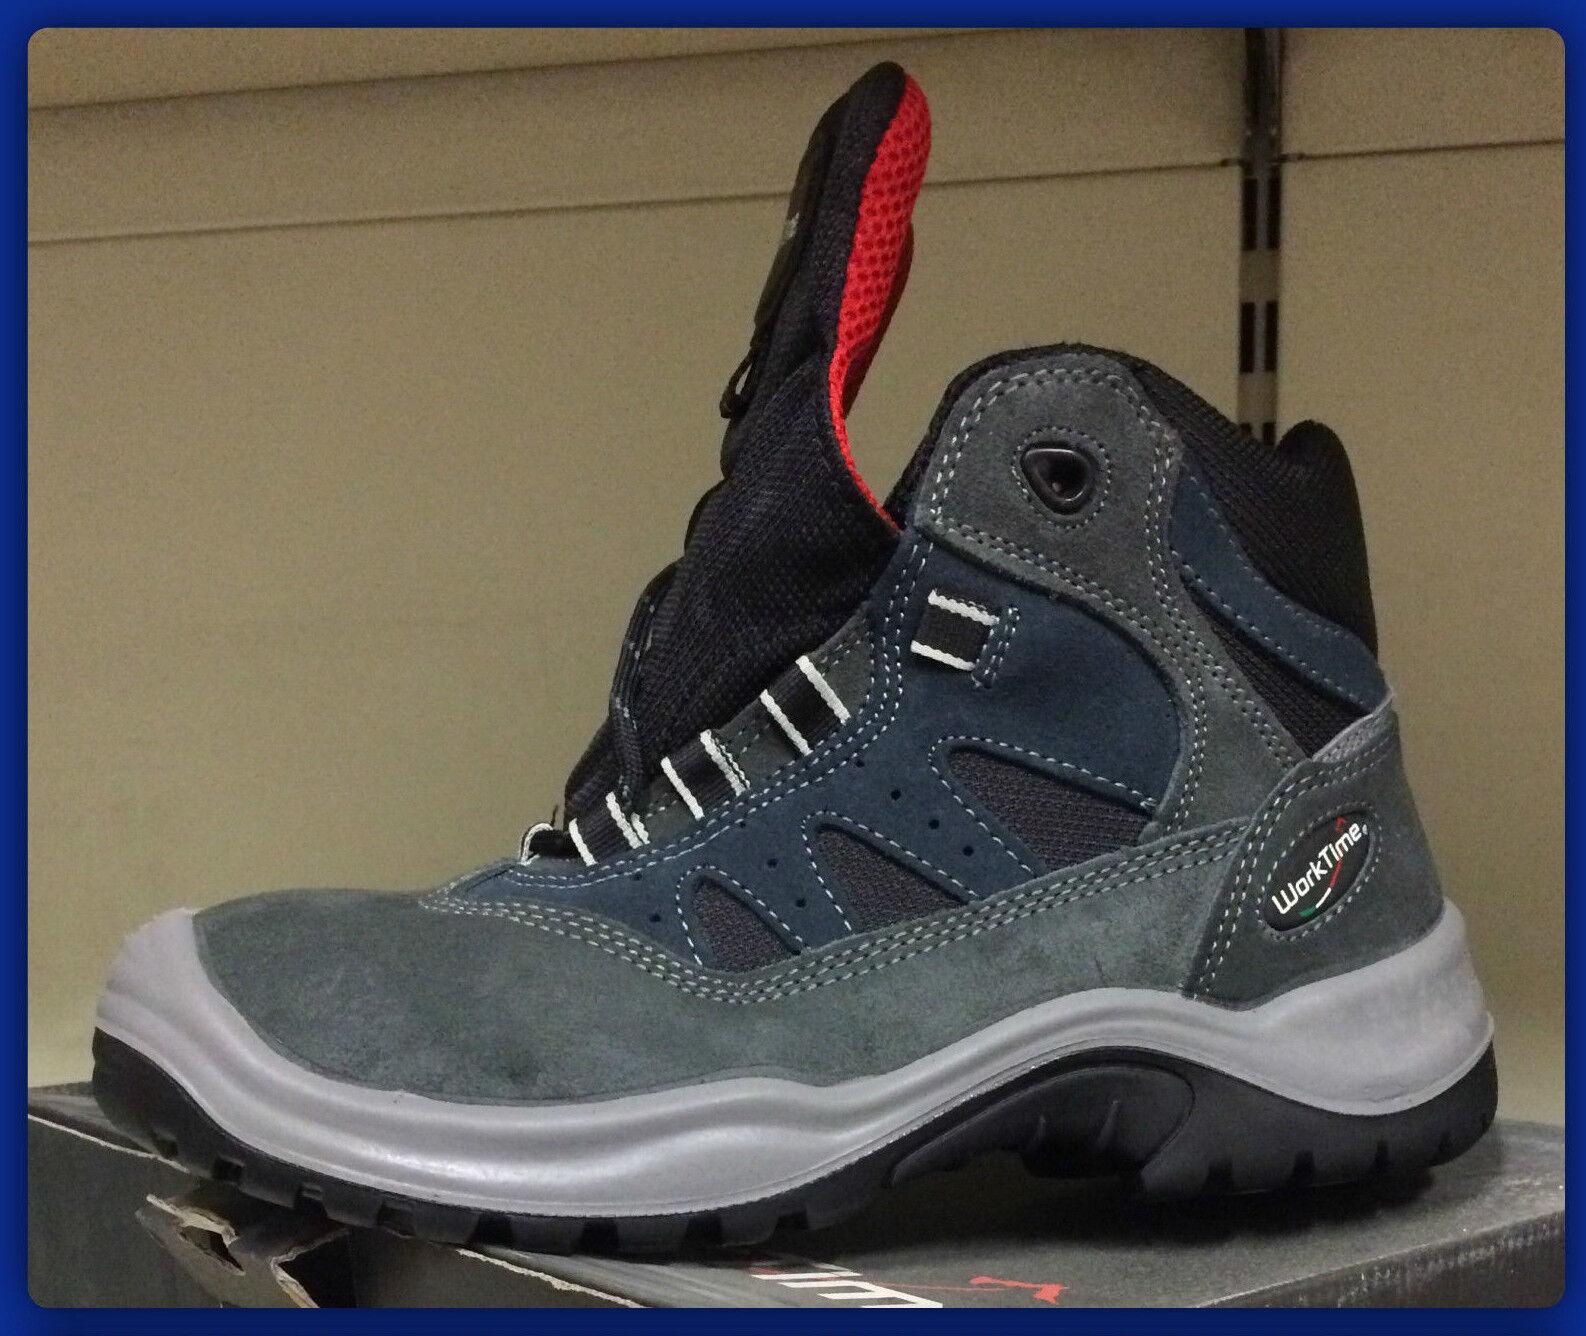 Schuhe Sicherheit von der Arbeit der Sicherheit Schuhe Sicherheit worktime Modell Probe High n.40 0d7624